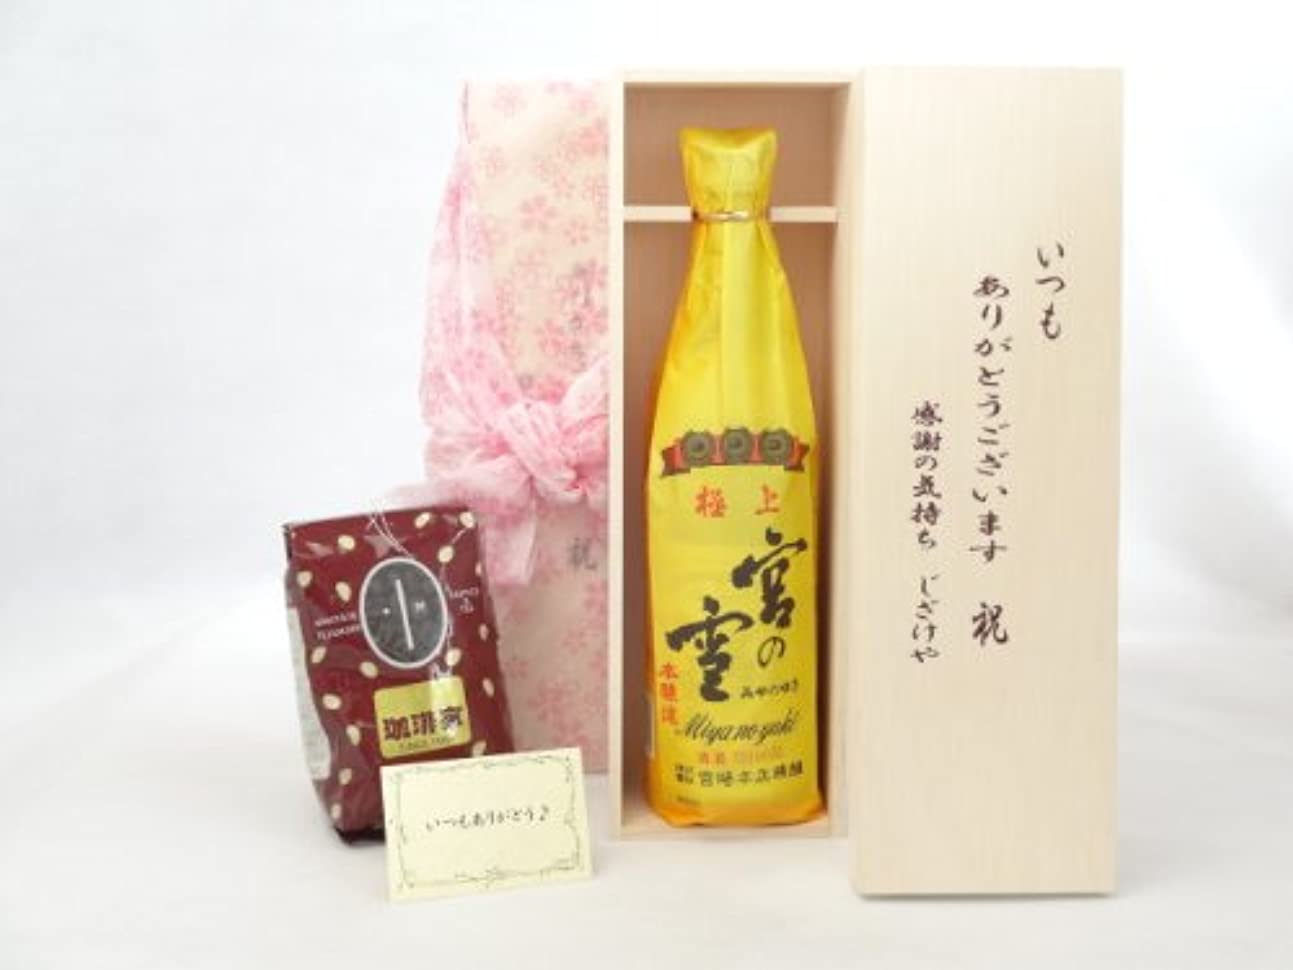 贈り物セット ギフトセット 日本酒セット いつもありがとう木箱+オススメ珈琲豆(特注ブレンド200g)( 宮崎本店 宮の雪 極上 720ml(三重県) ) メッセージカード付